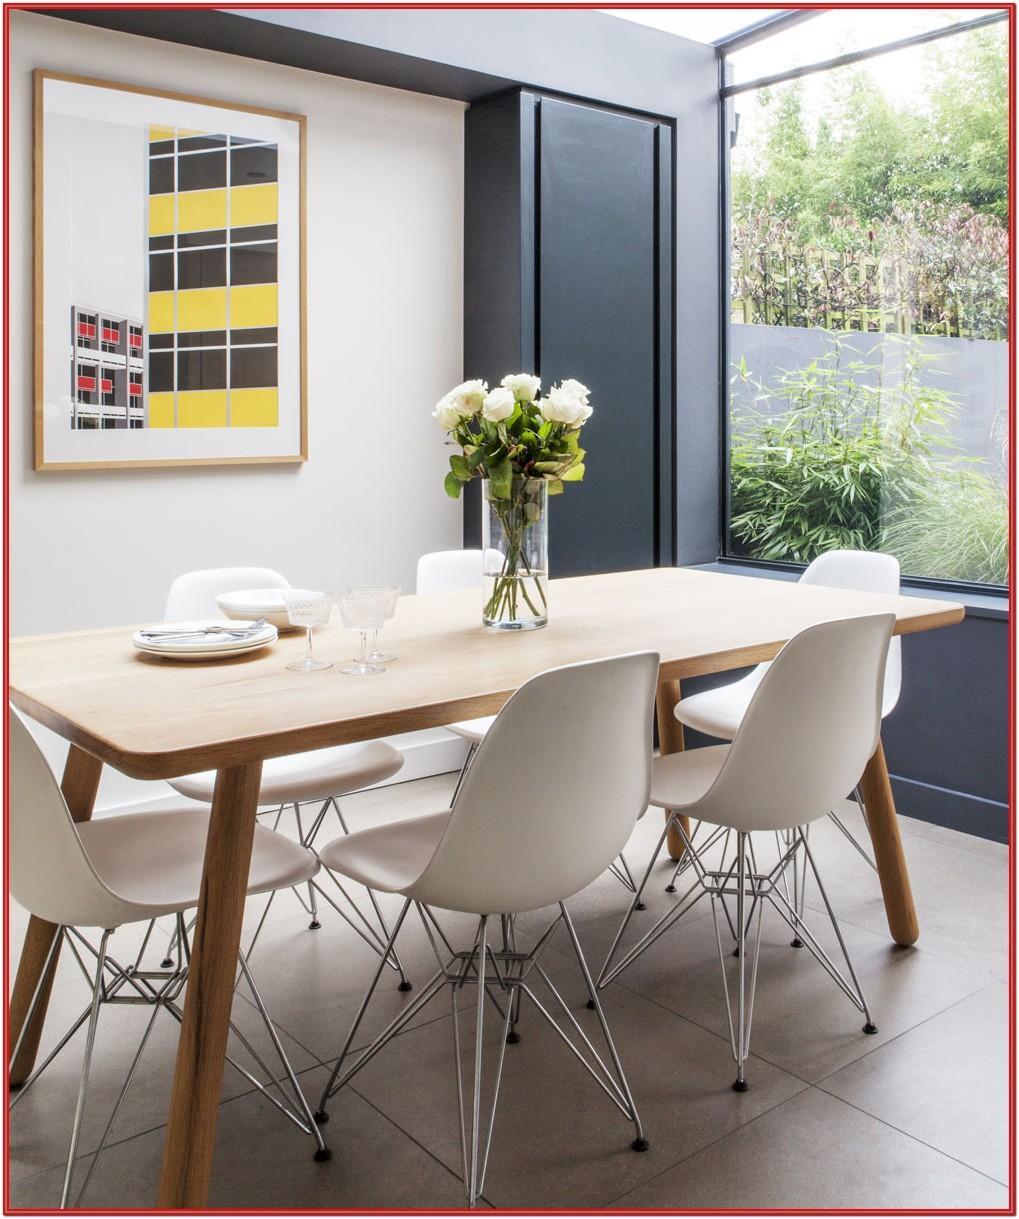 Small Living Room Dining Room Design Ideas